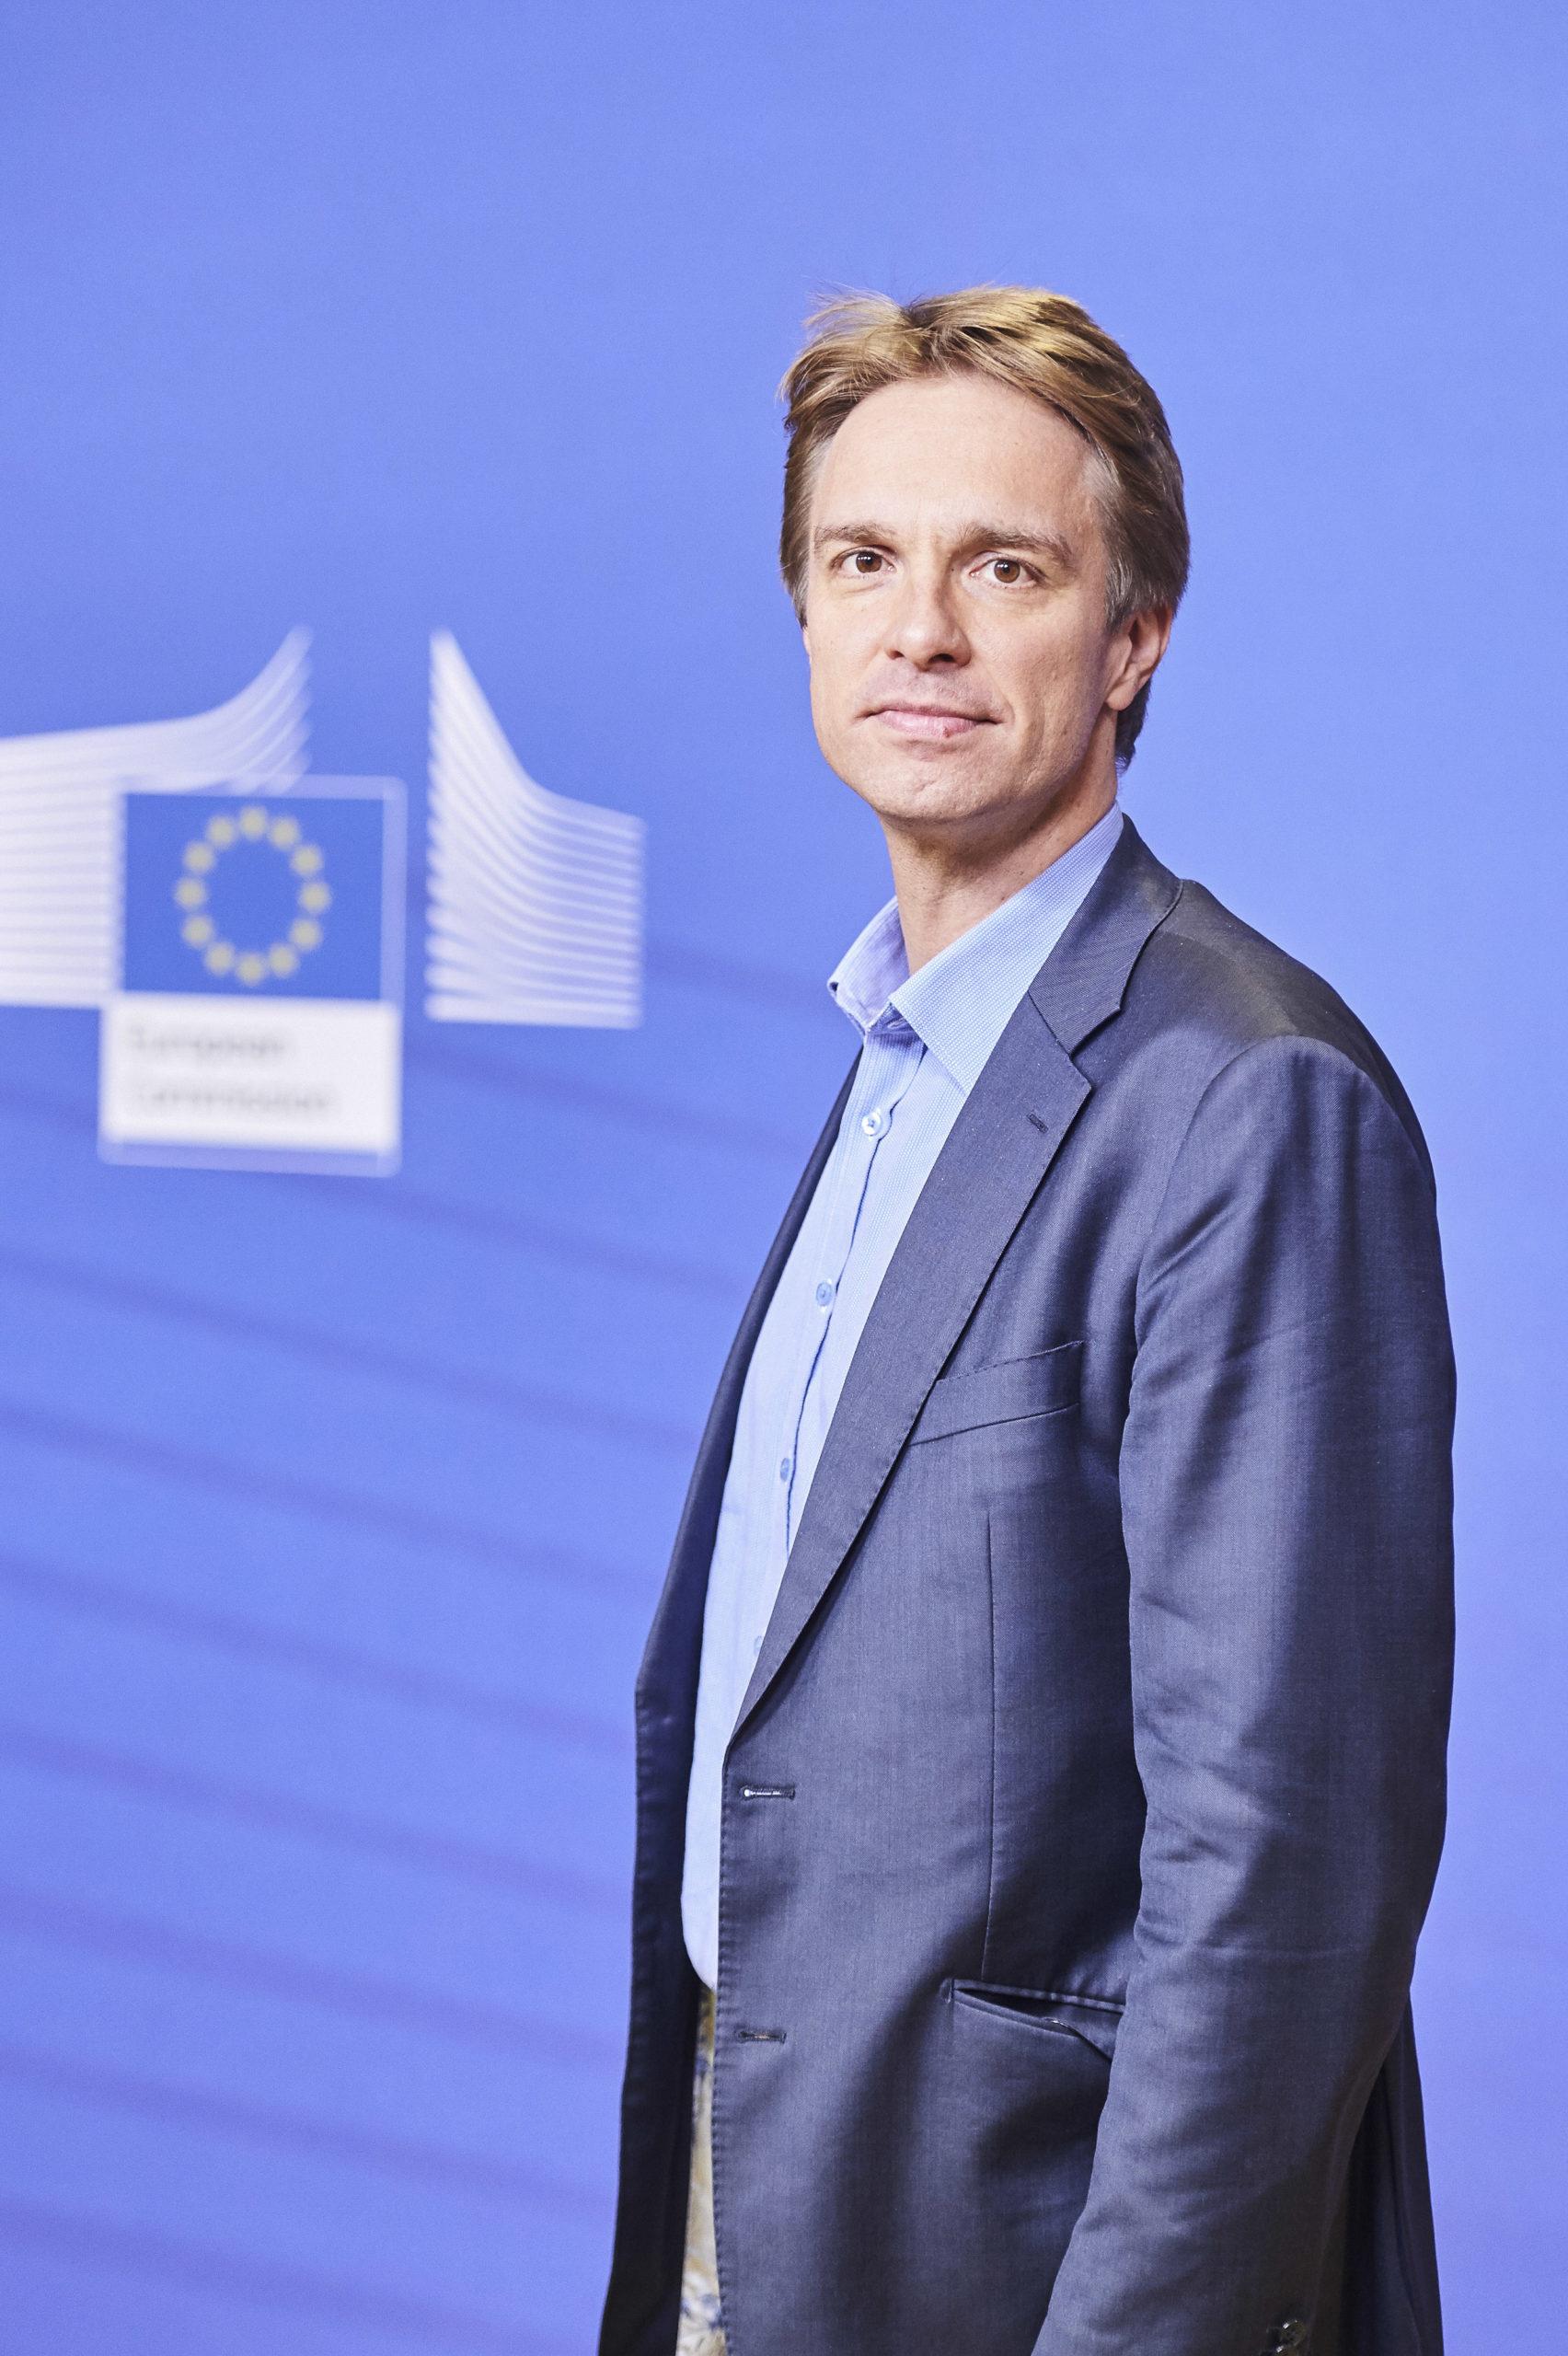 Stefan de Keersmaecker